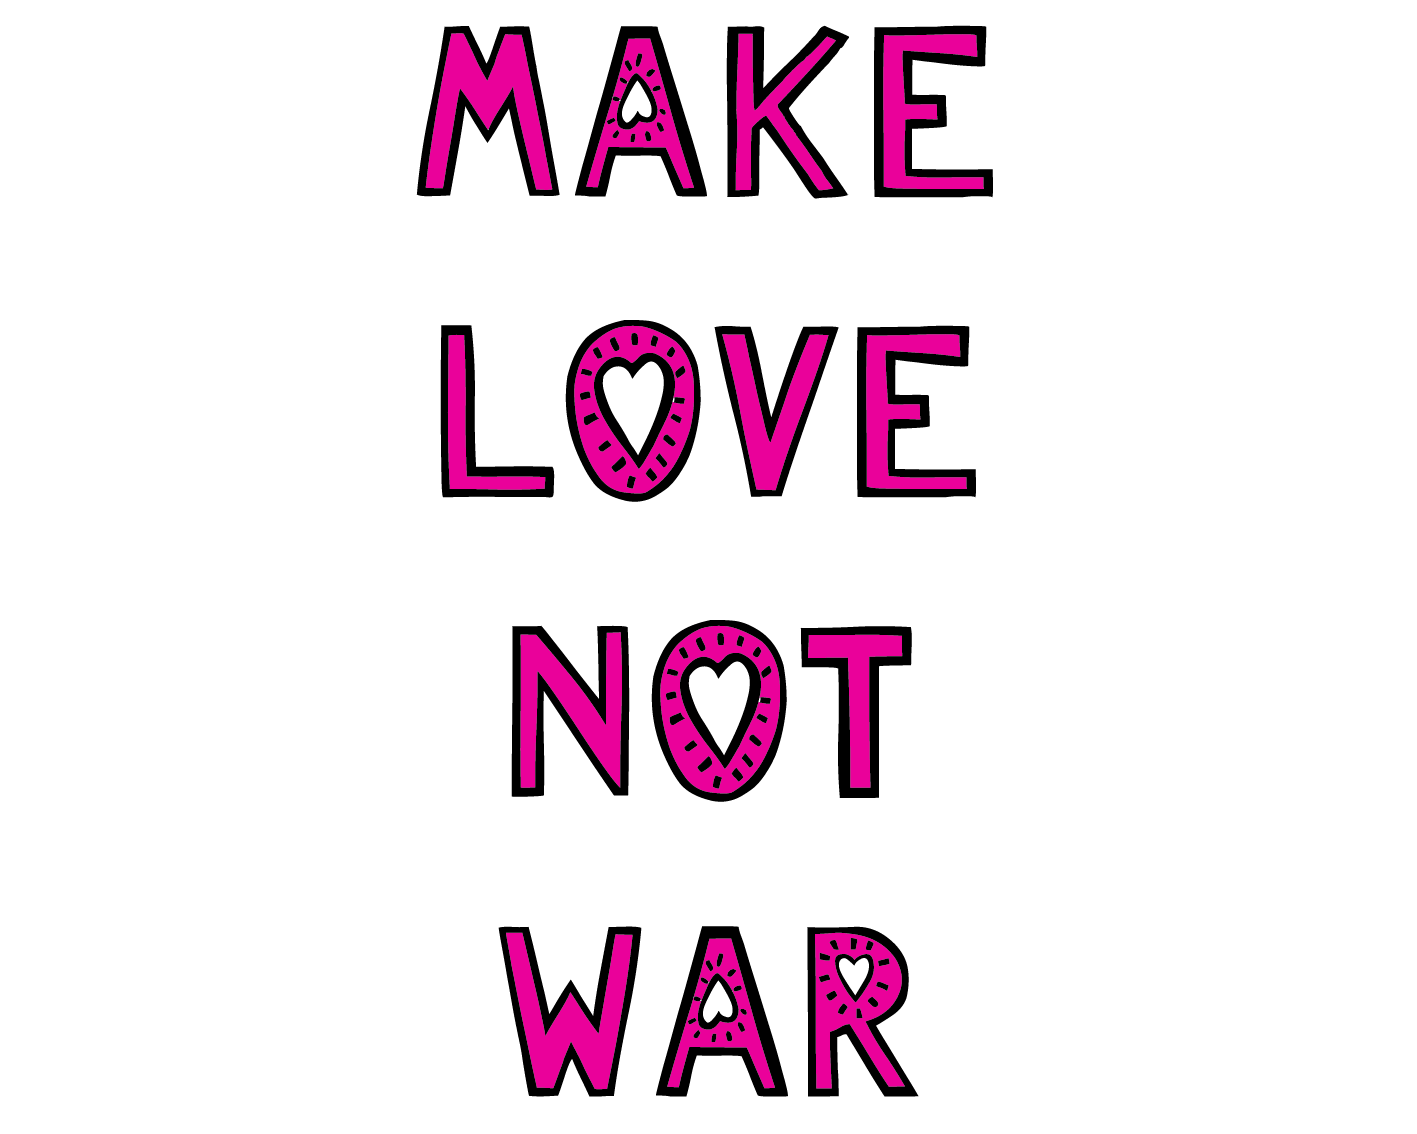 make-love-not-war-pink